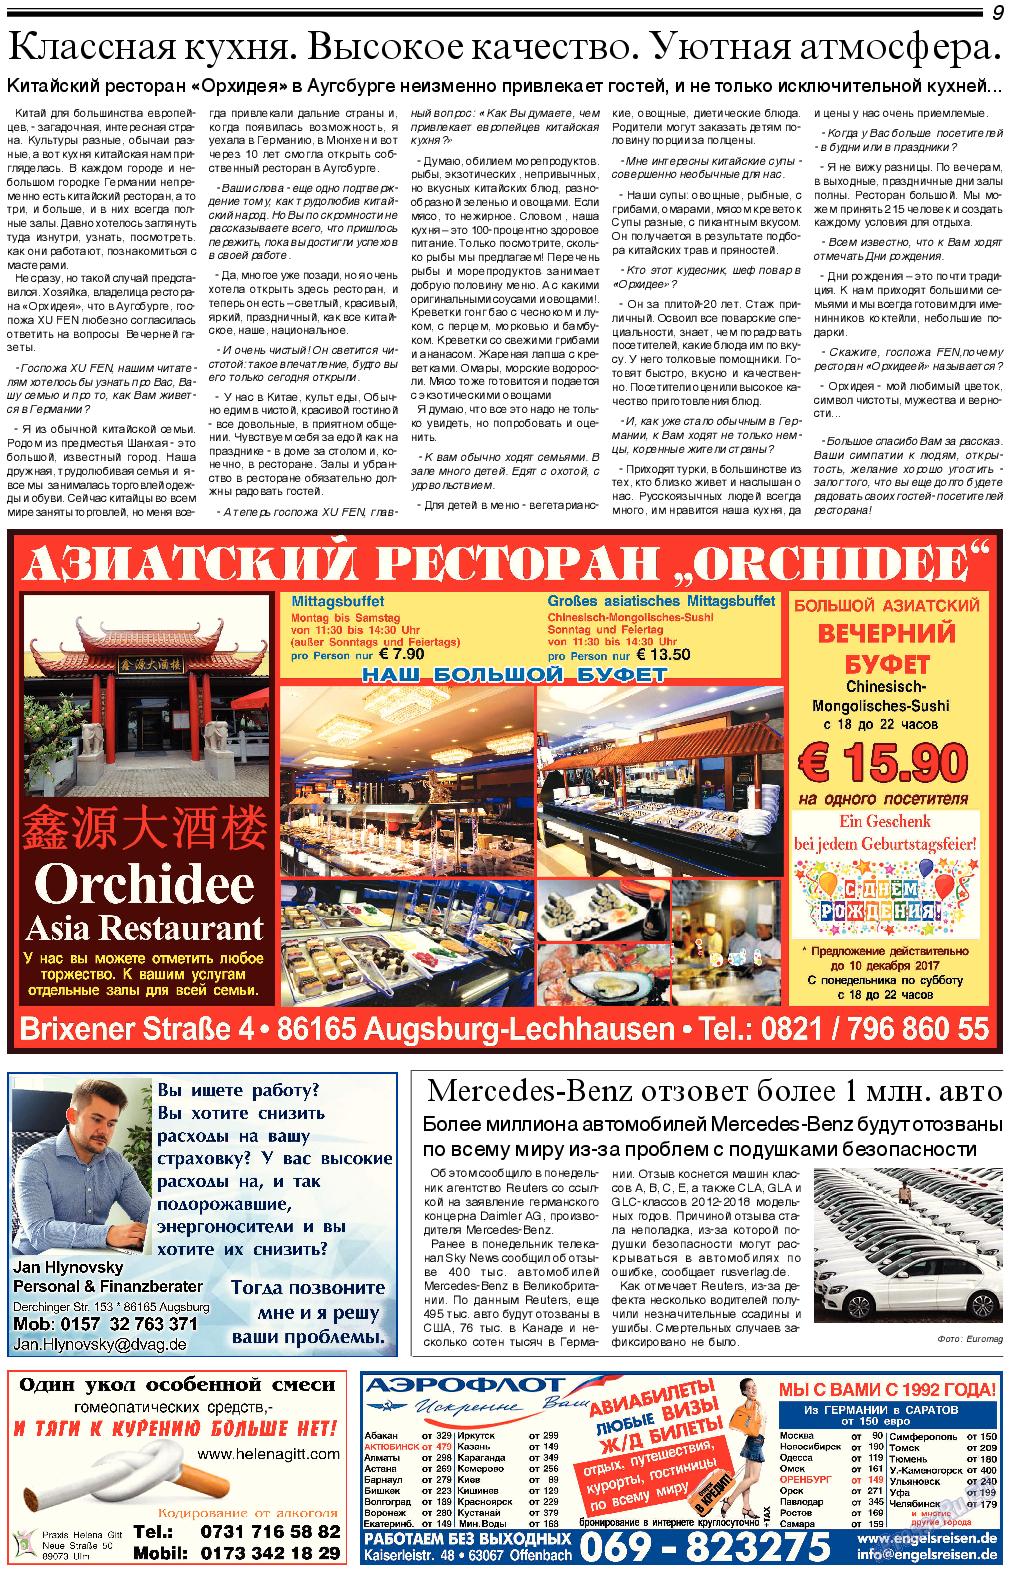 Вечерняя газета (газета). 2017 год, номер 11, стр. 9